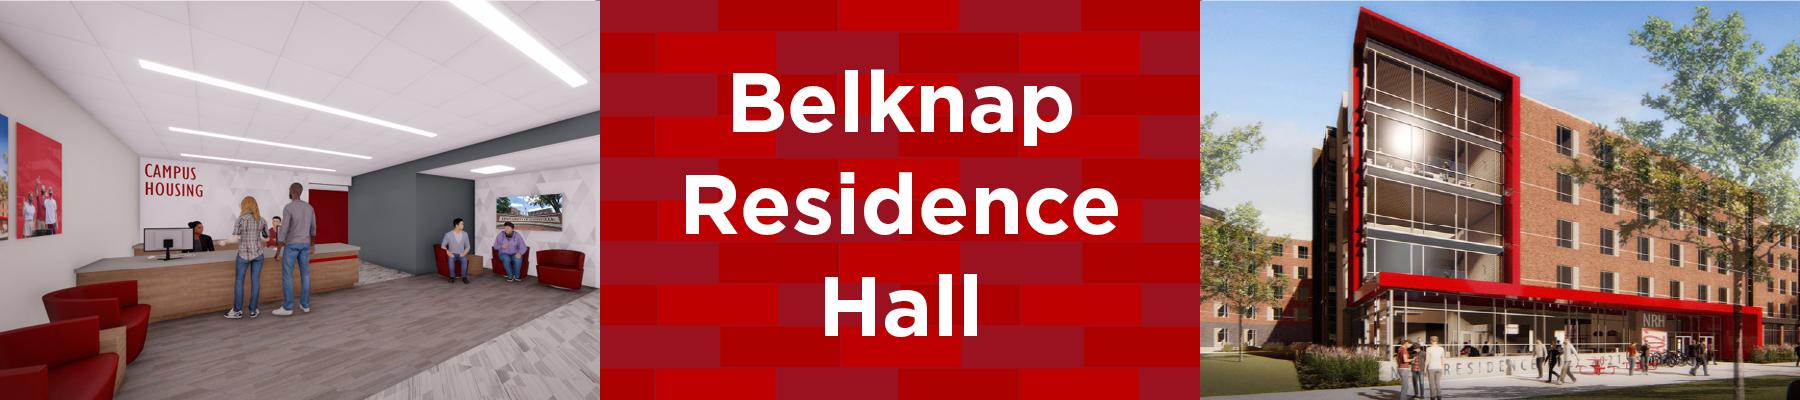 Belknap Residence Hall